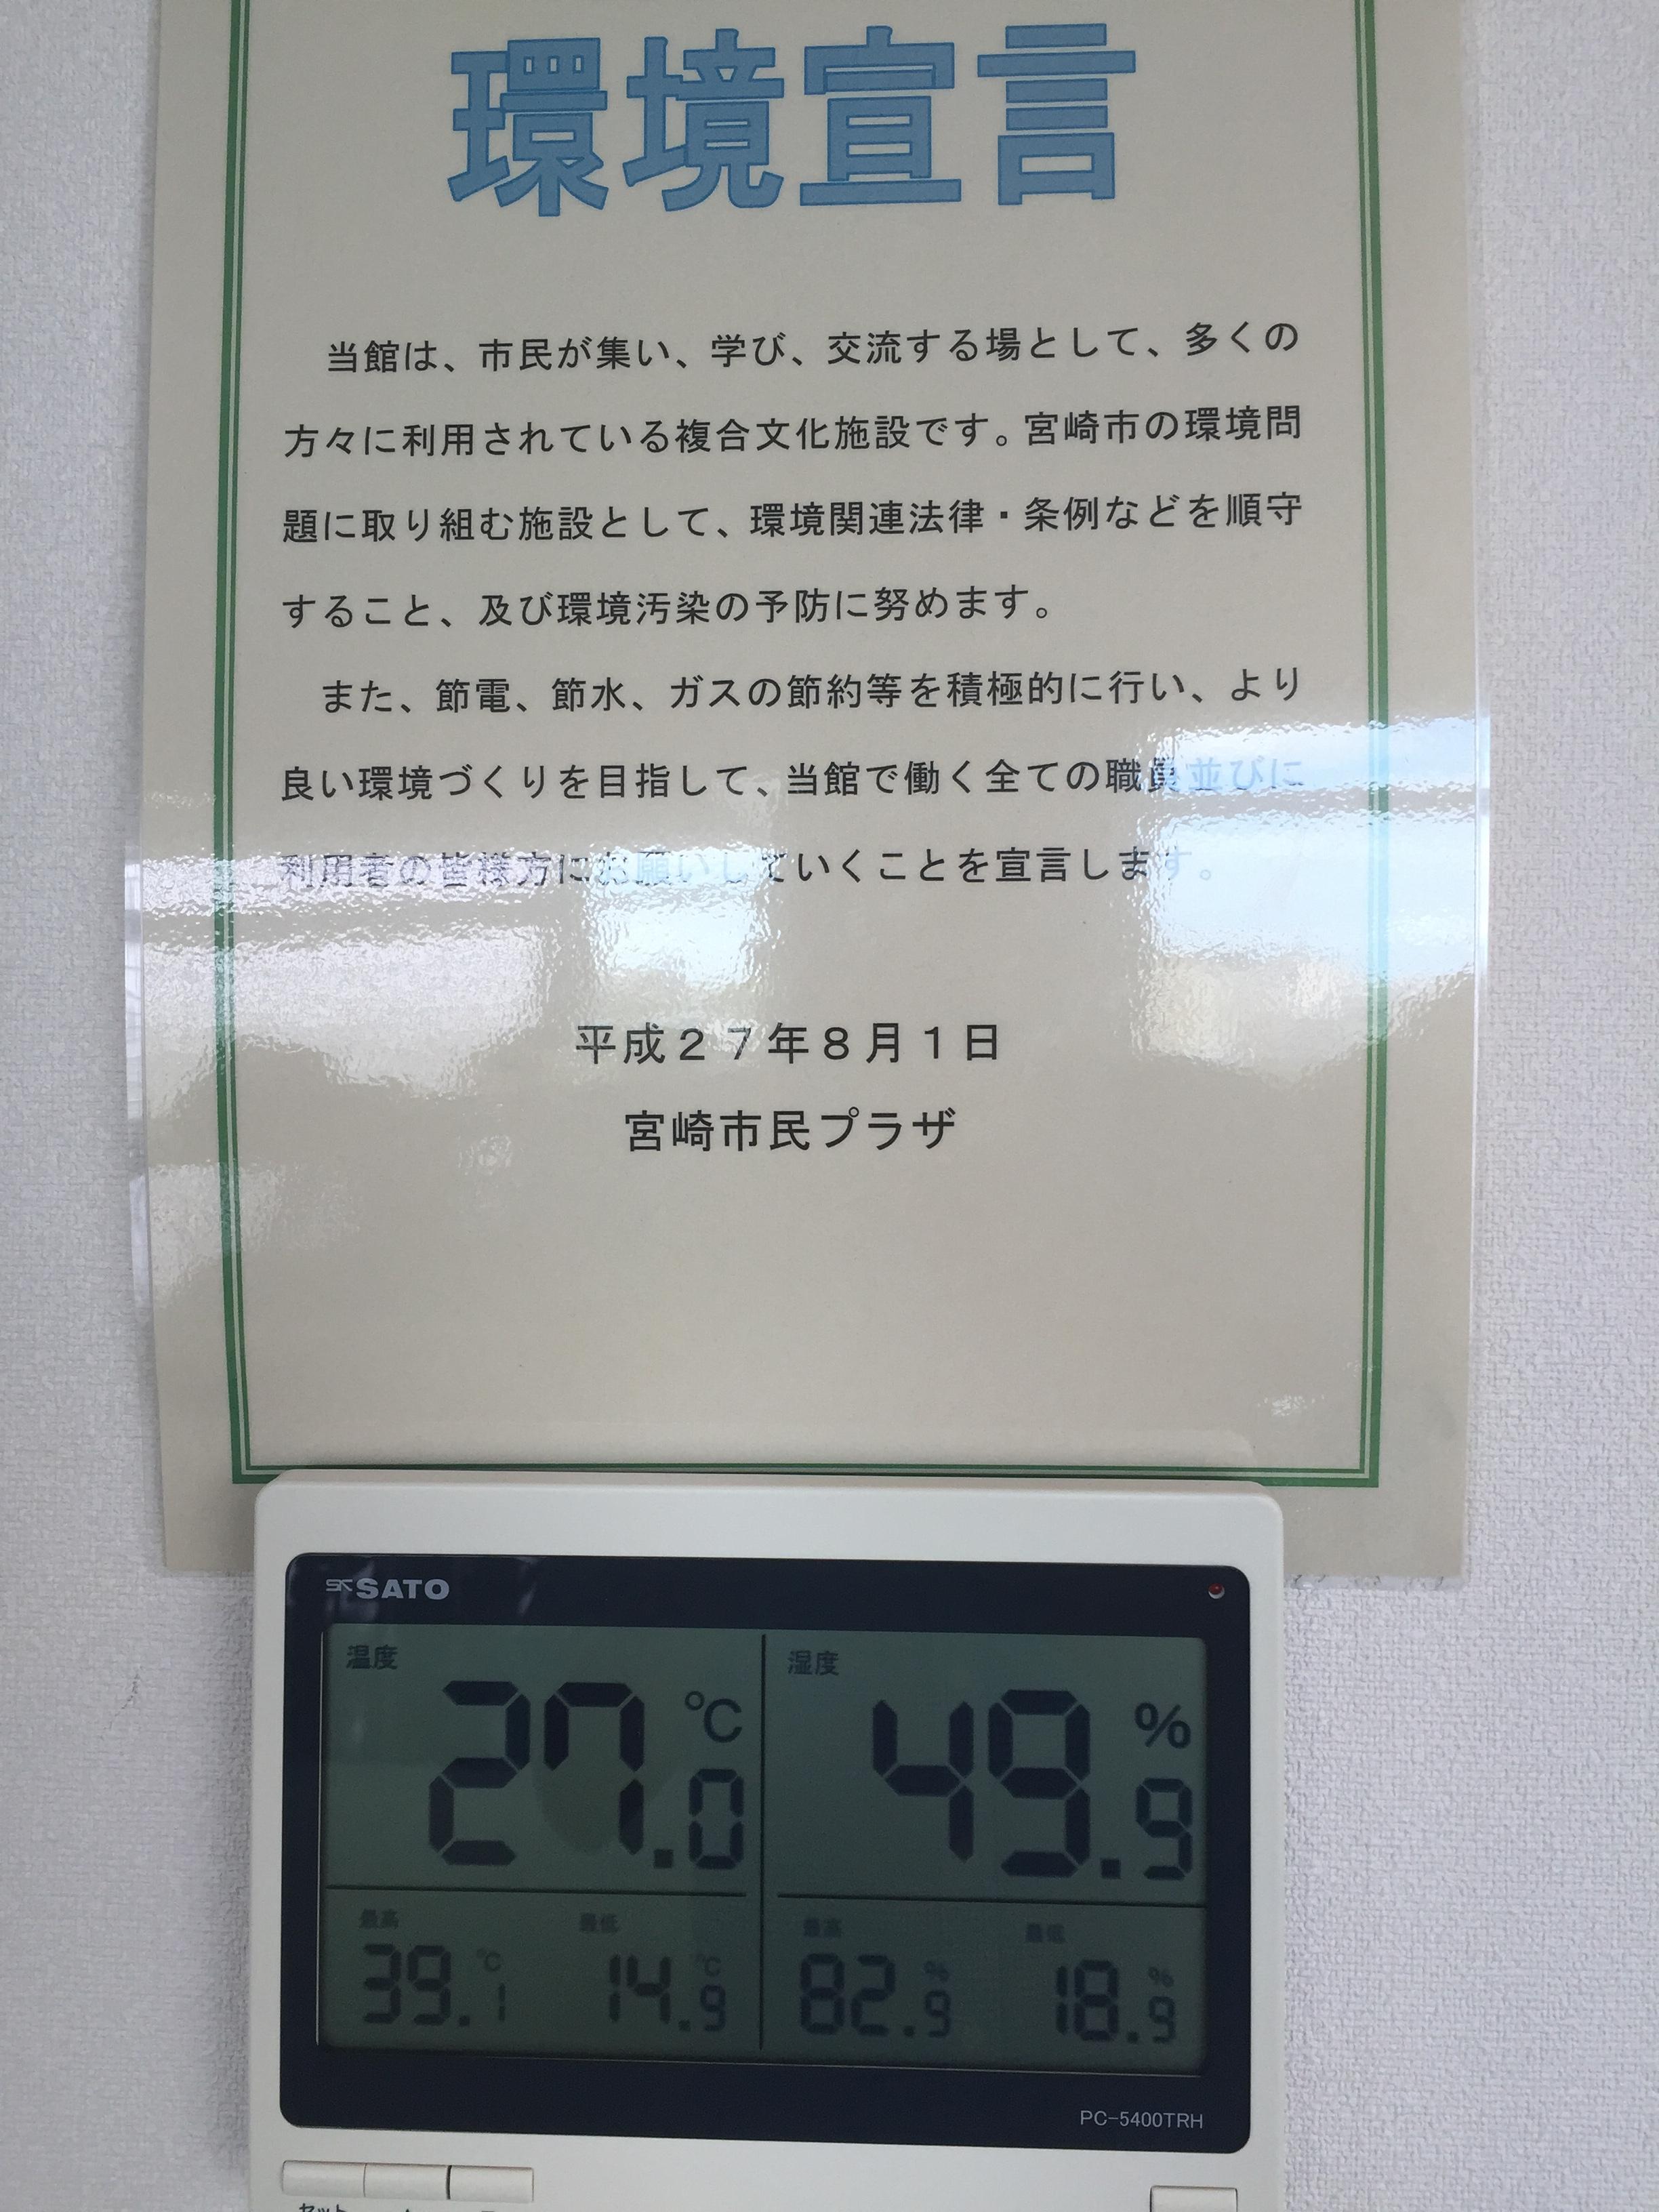 デジタル温湿度計 PC-5400TRH